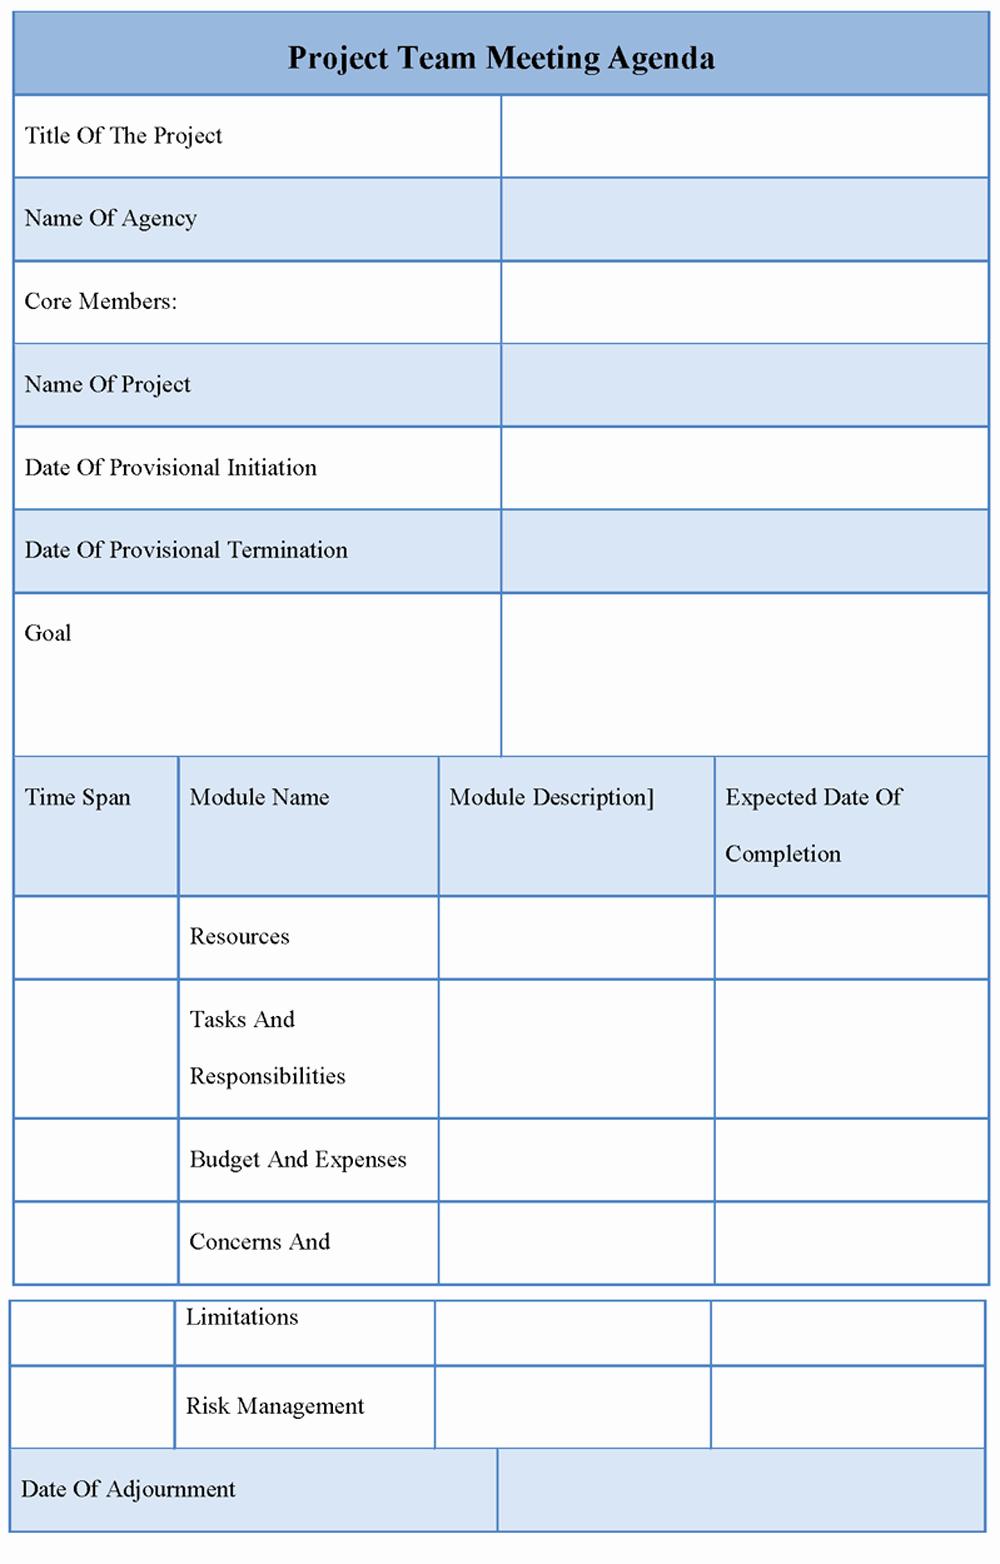 Team Meeting Agenda Template Lovely Agenda Template for Project Team Meeting Template Of